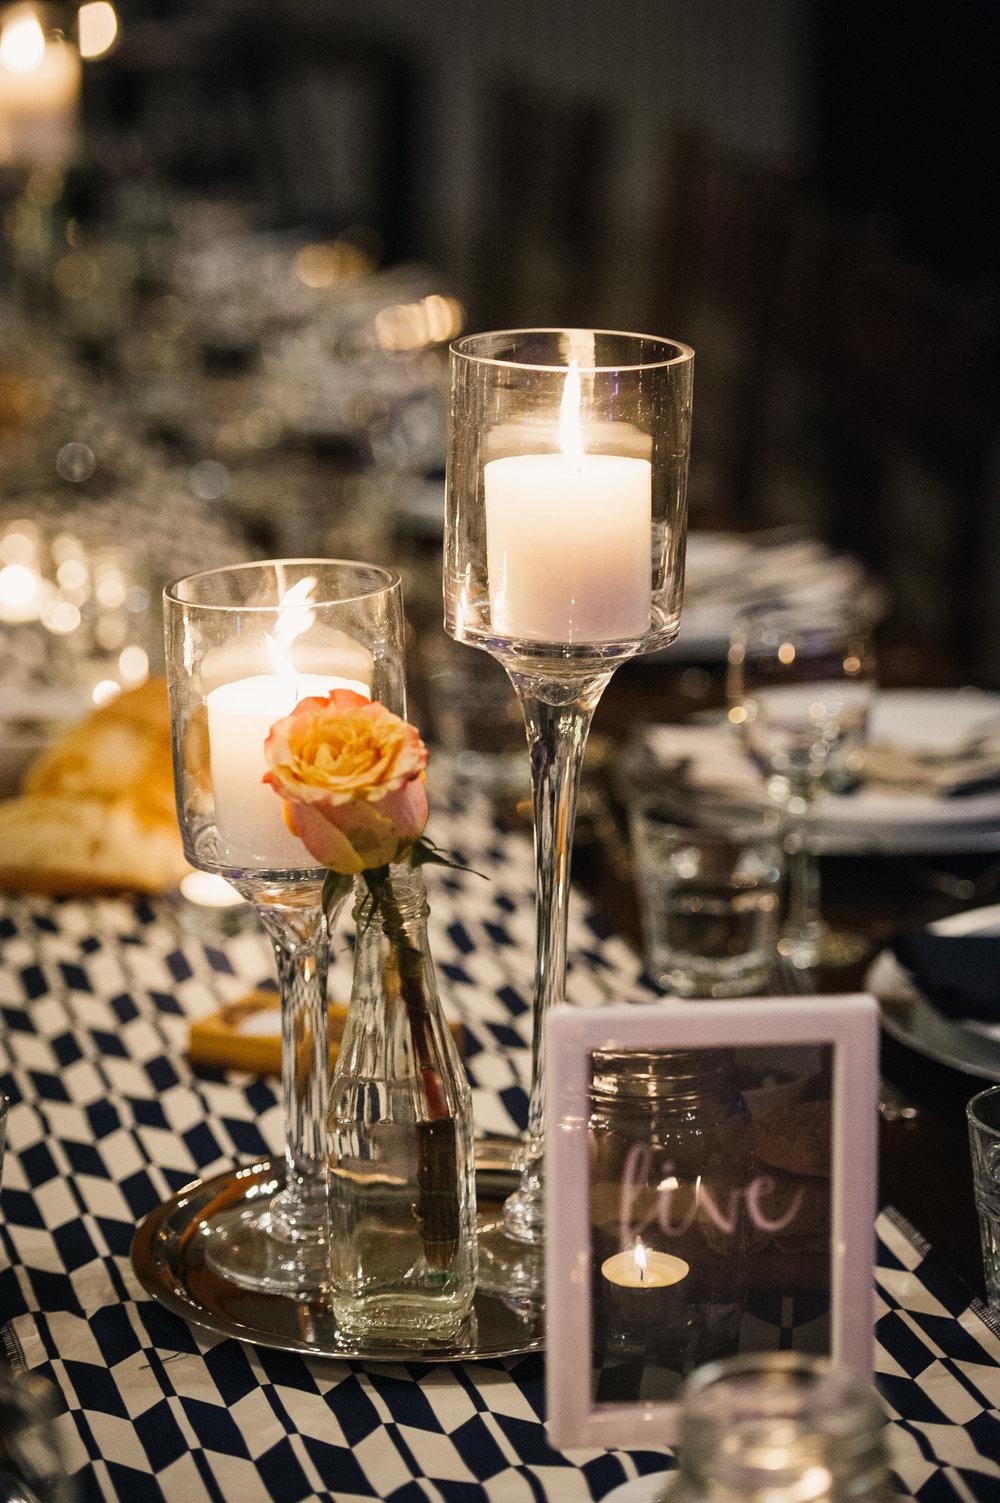 Casuarina_rustic_eclectic_wedding_venue-Osteria-26.jpg